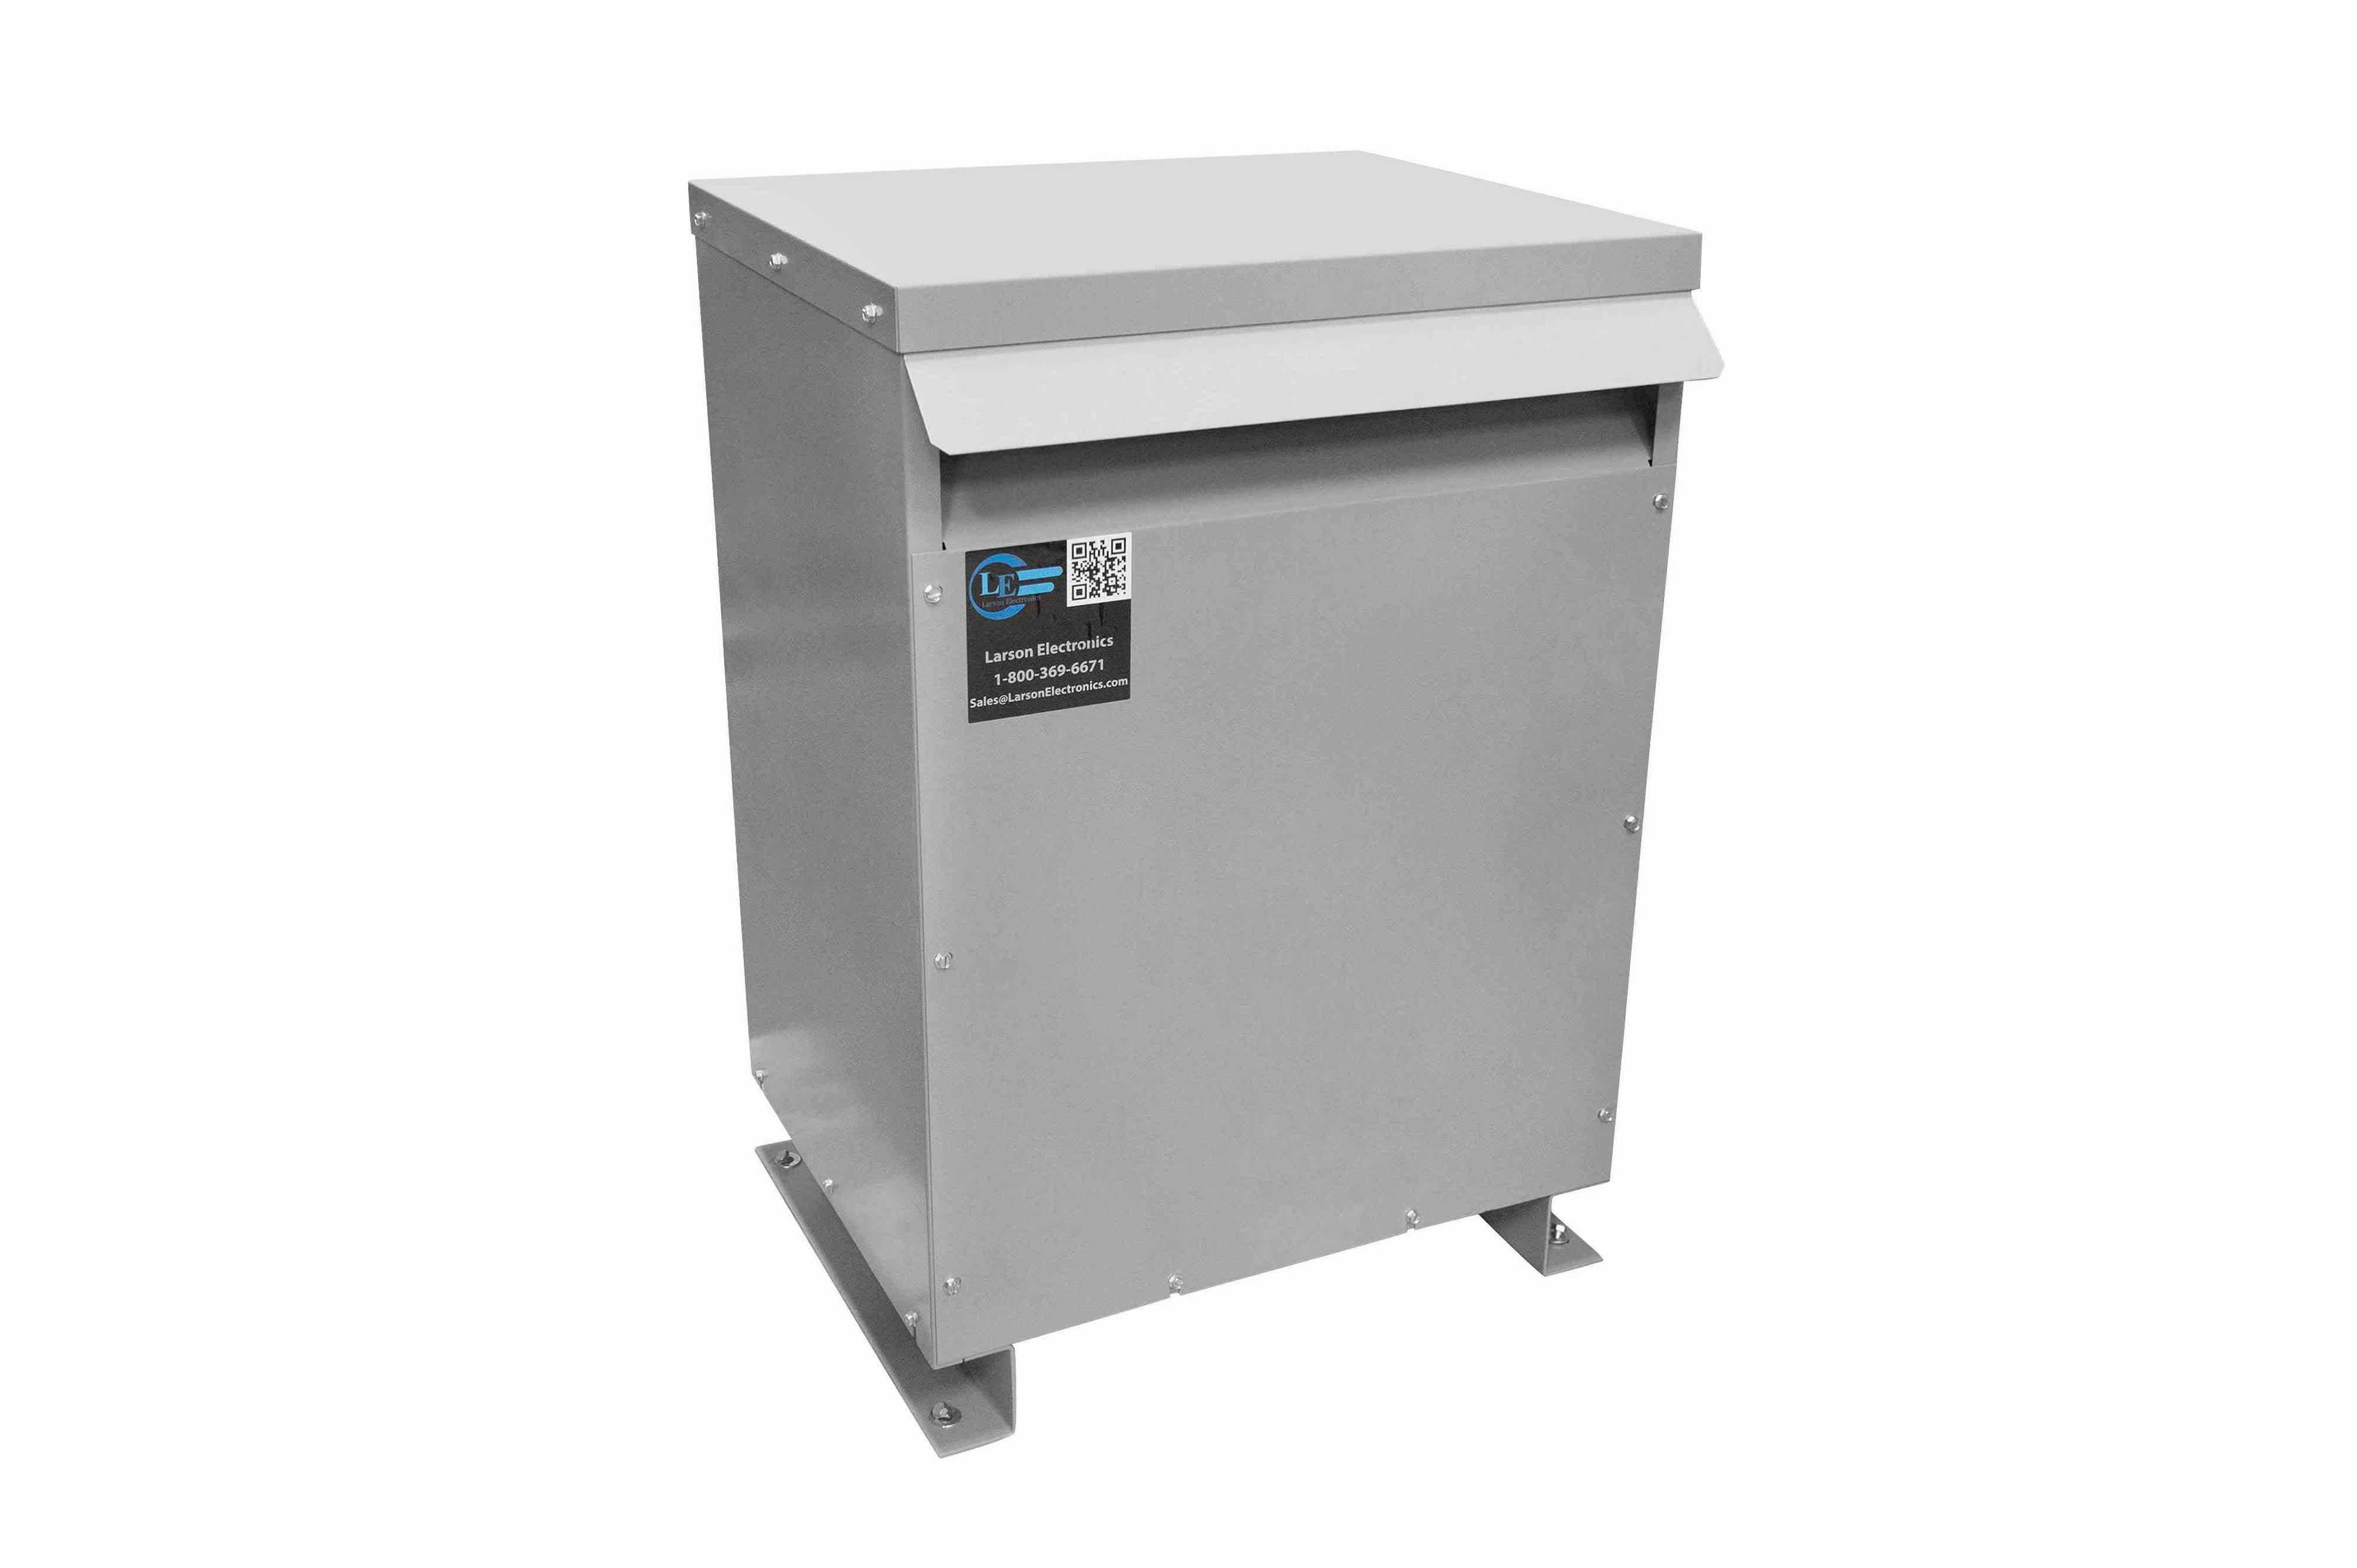 750 kVA 3PH Isolation Transformer, 600V Delta Primary, 415V Delta Secondary, N3R, Ventilated, 60 Hz